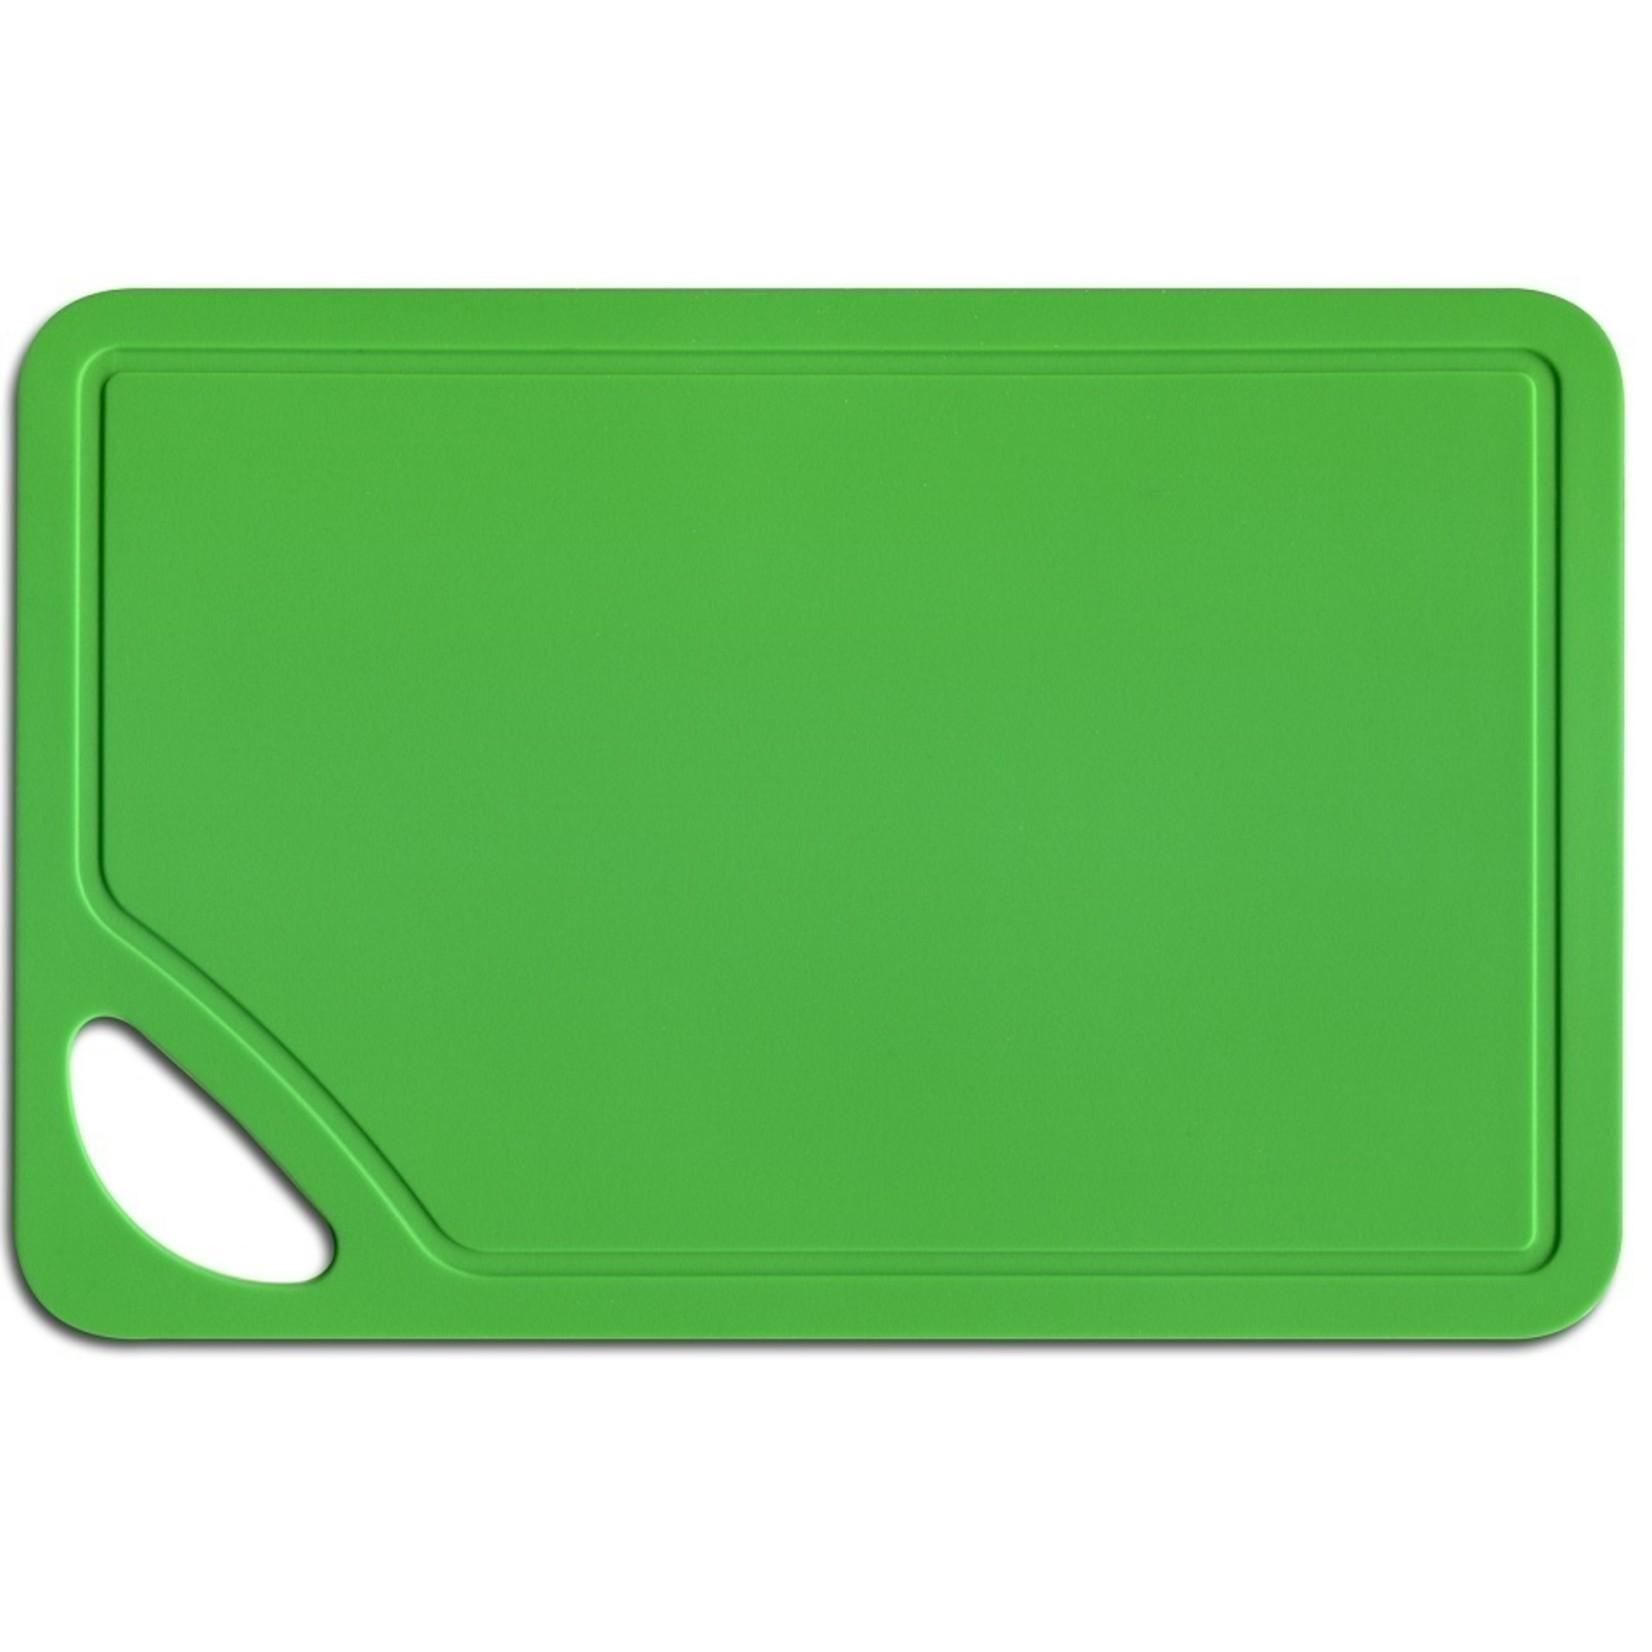 Wusthof Wusthof snijplank groen 26x17cm